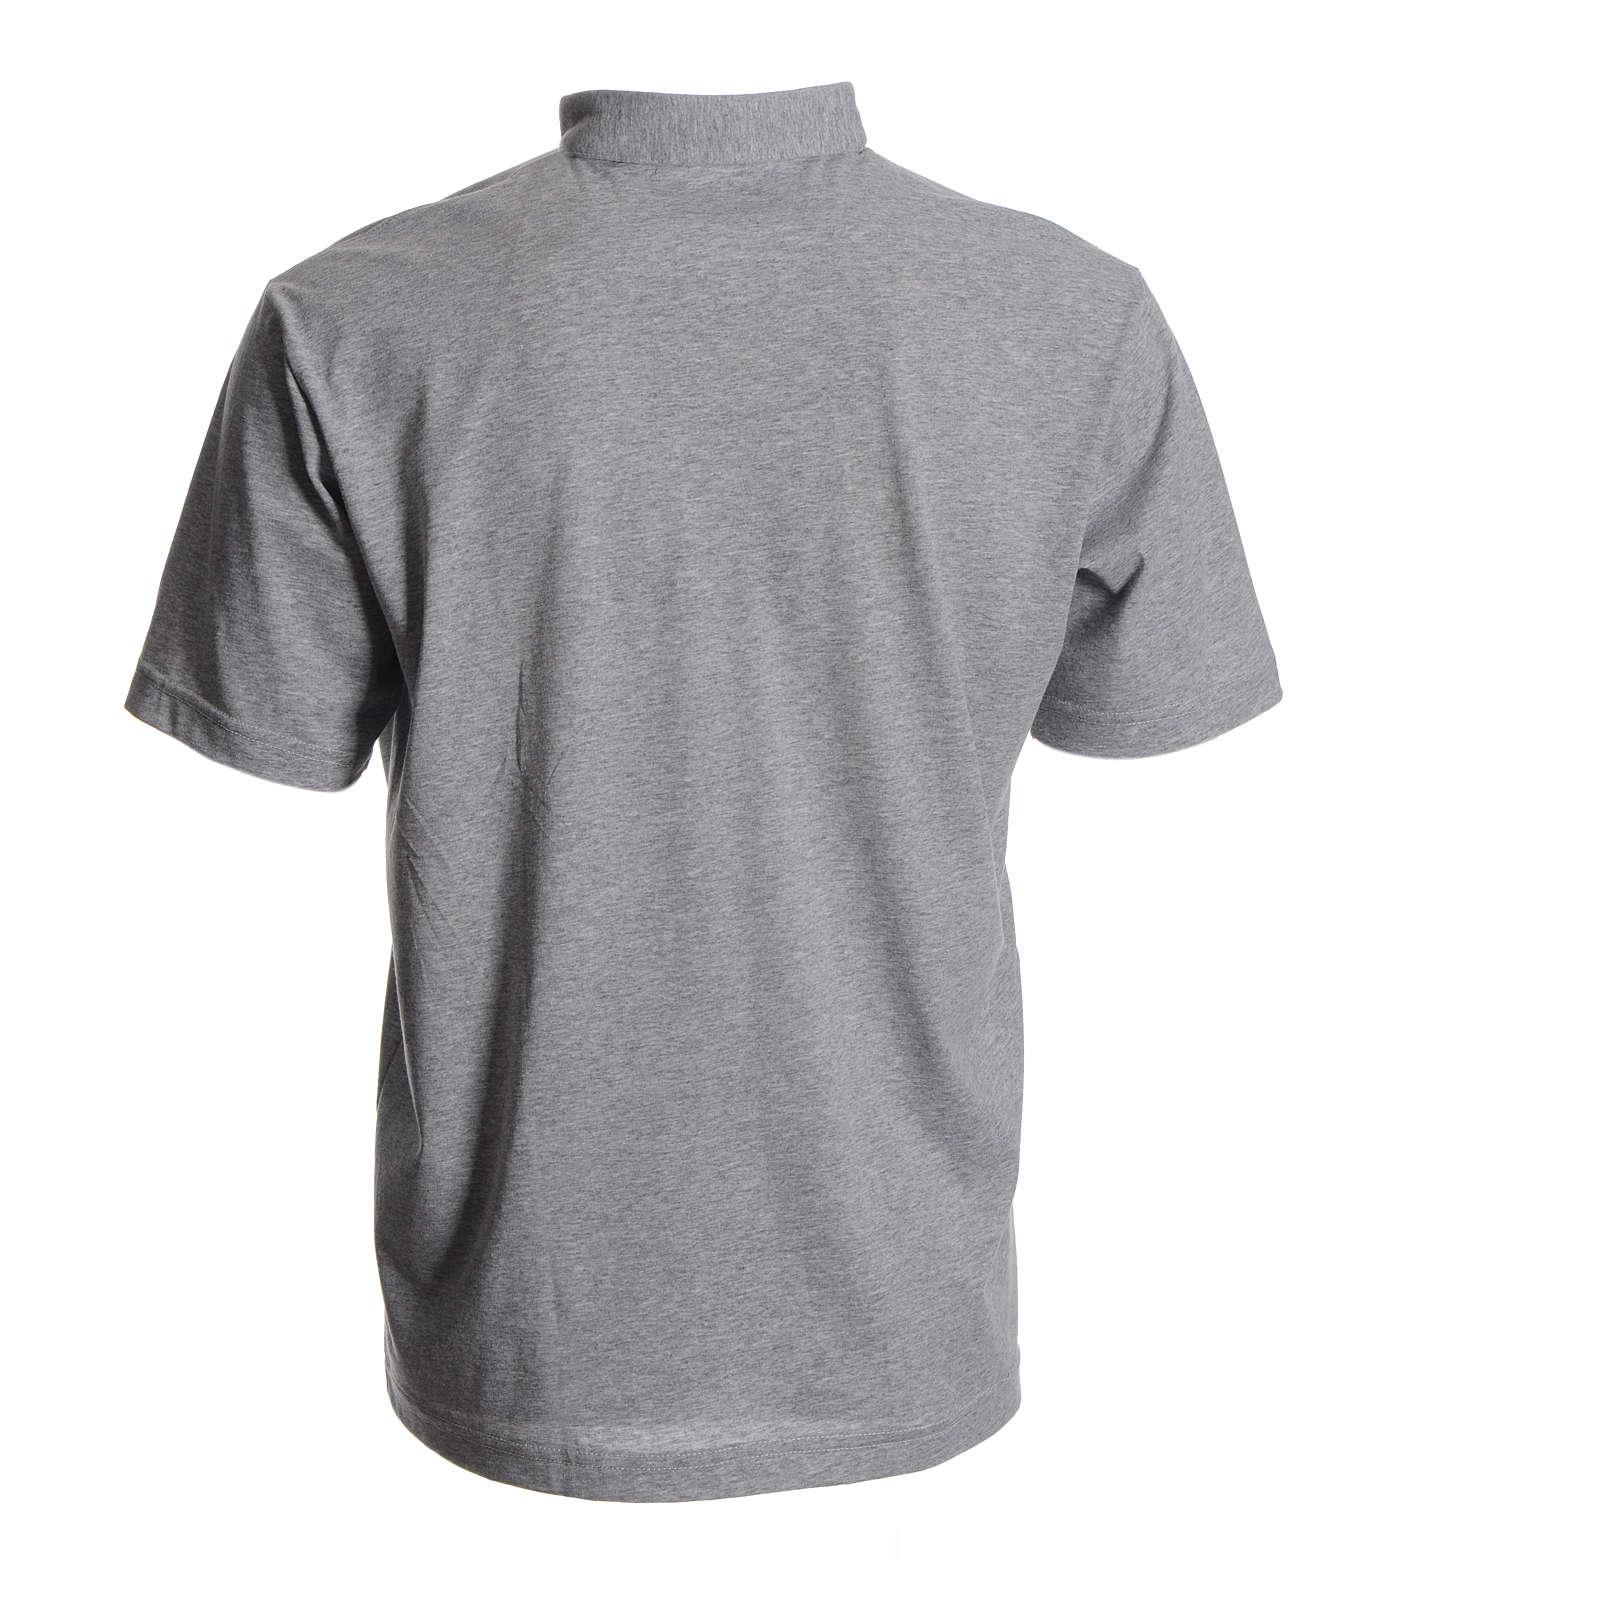 Polo maglia clergy grigio 100% cotone 4